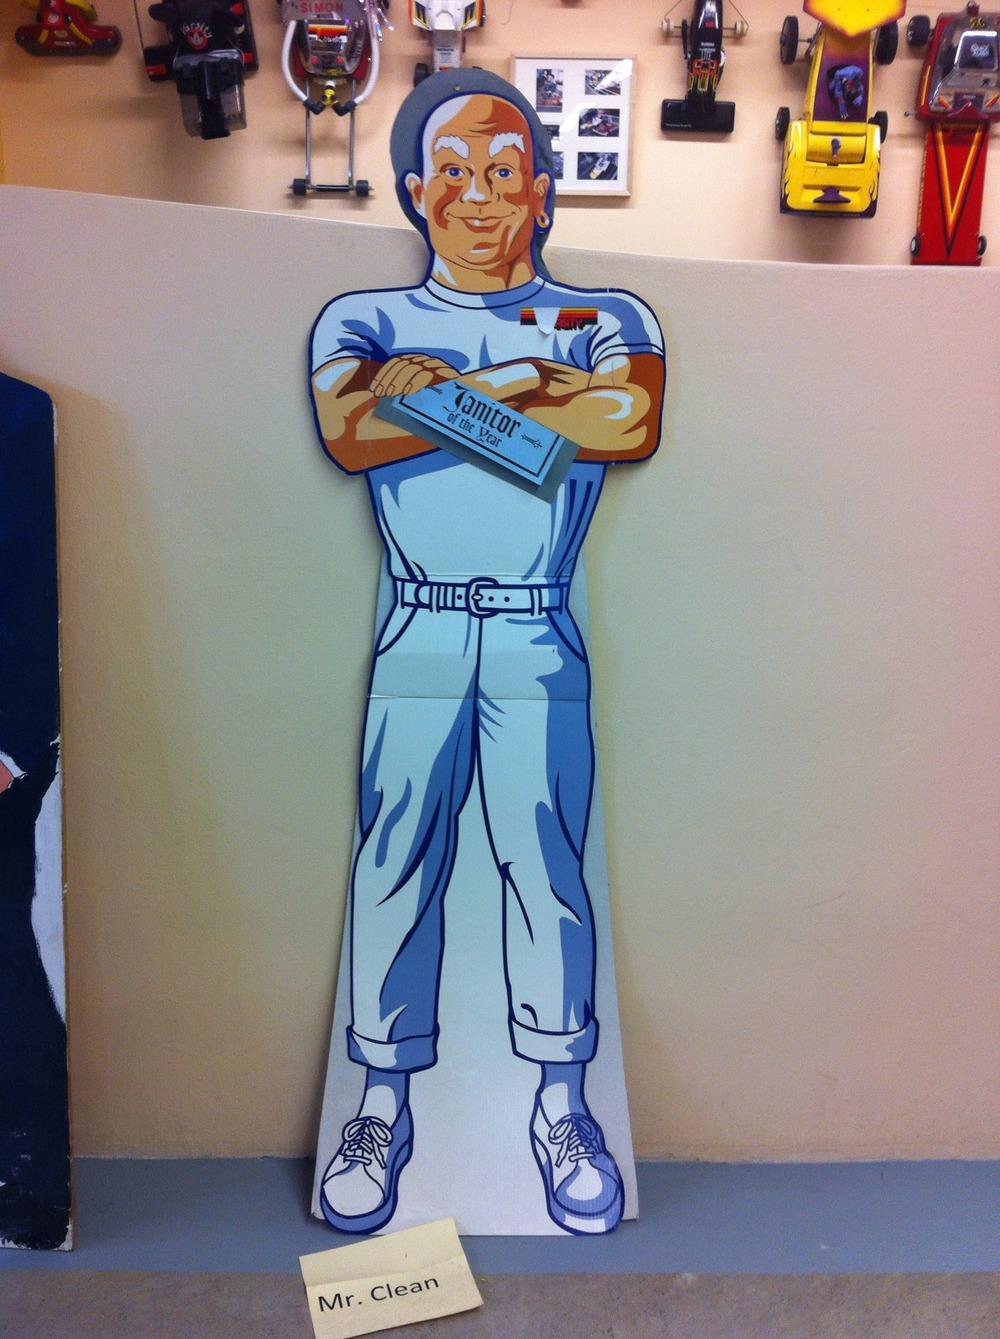 Mr. Clean cardboard cut-out.